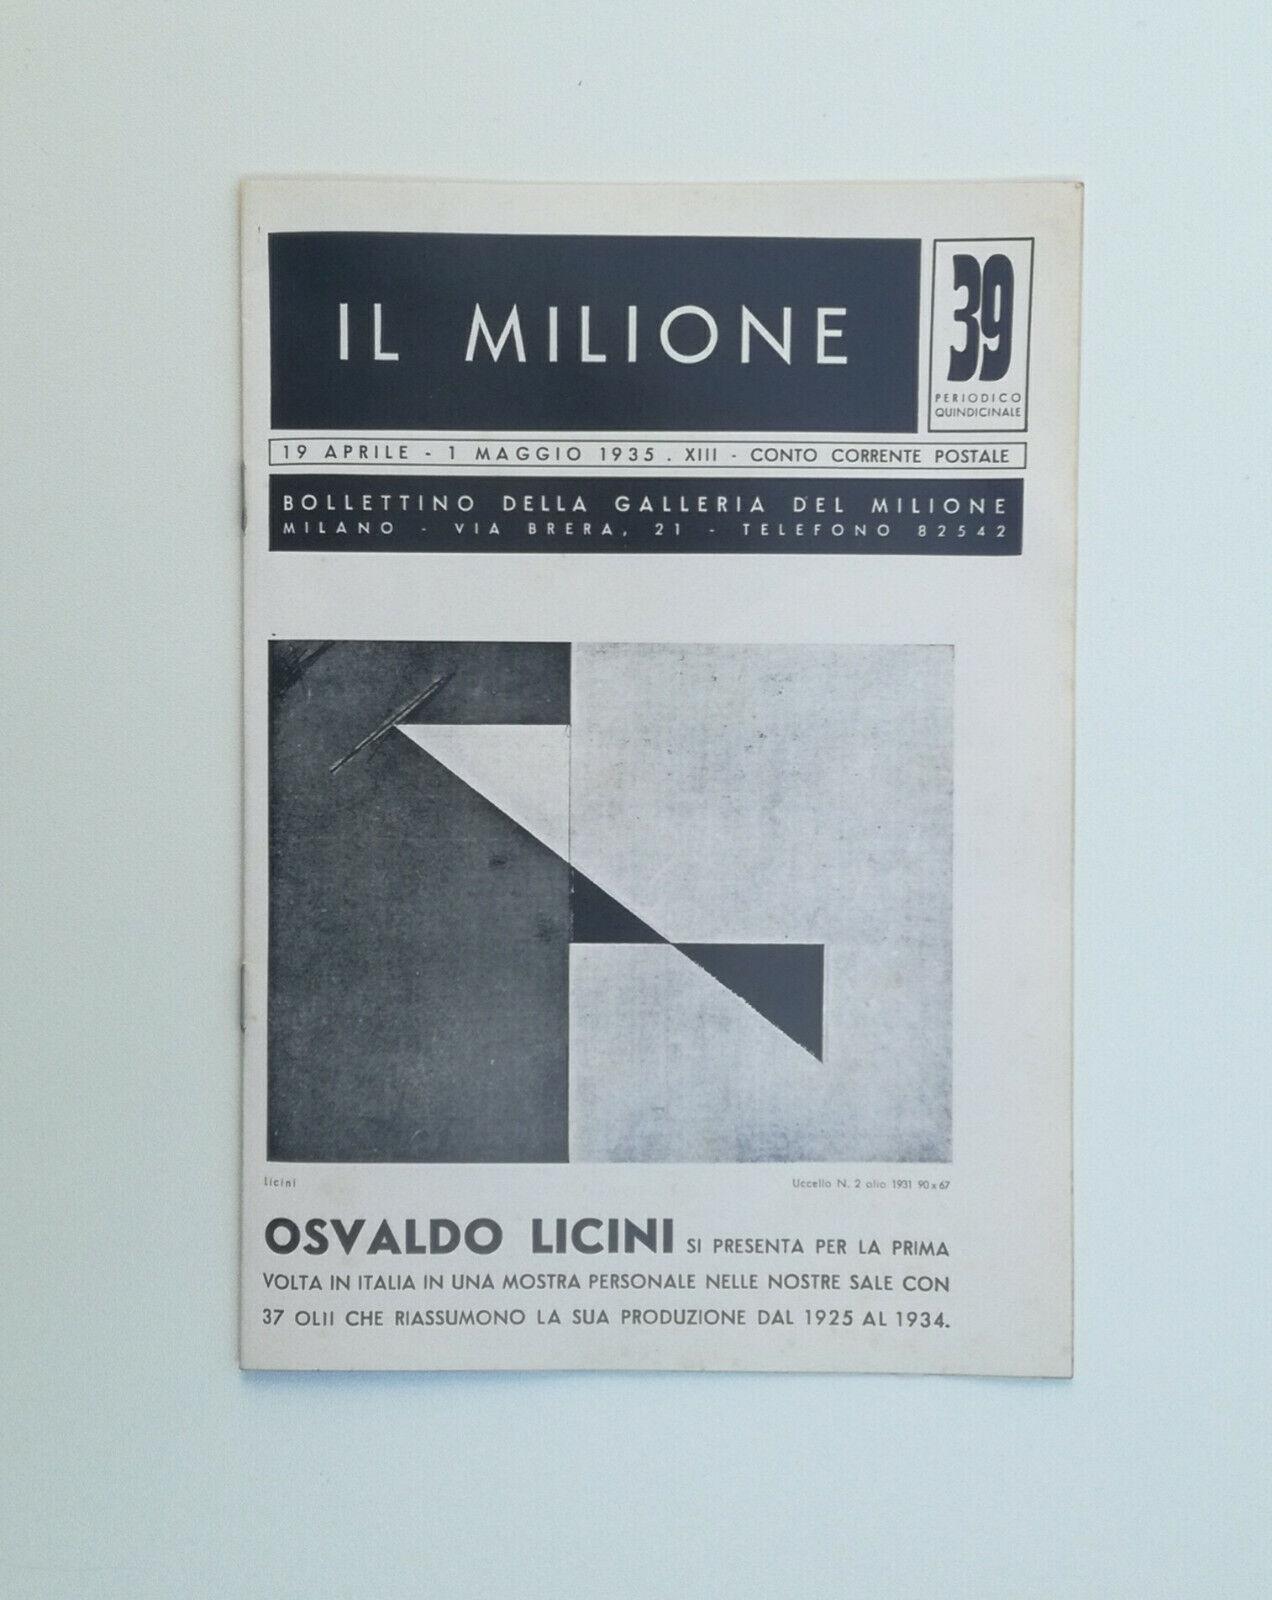 Albo Architetti Messina vialibri ~ rare books from 1935 - page 14